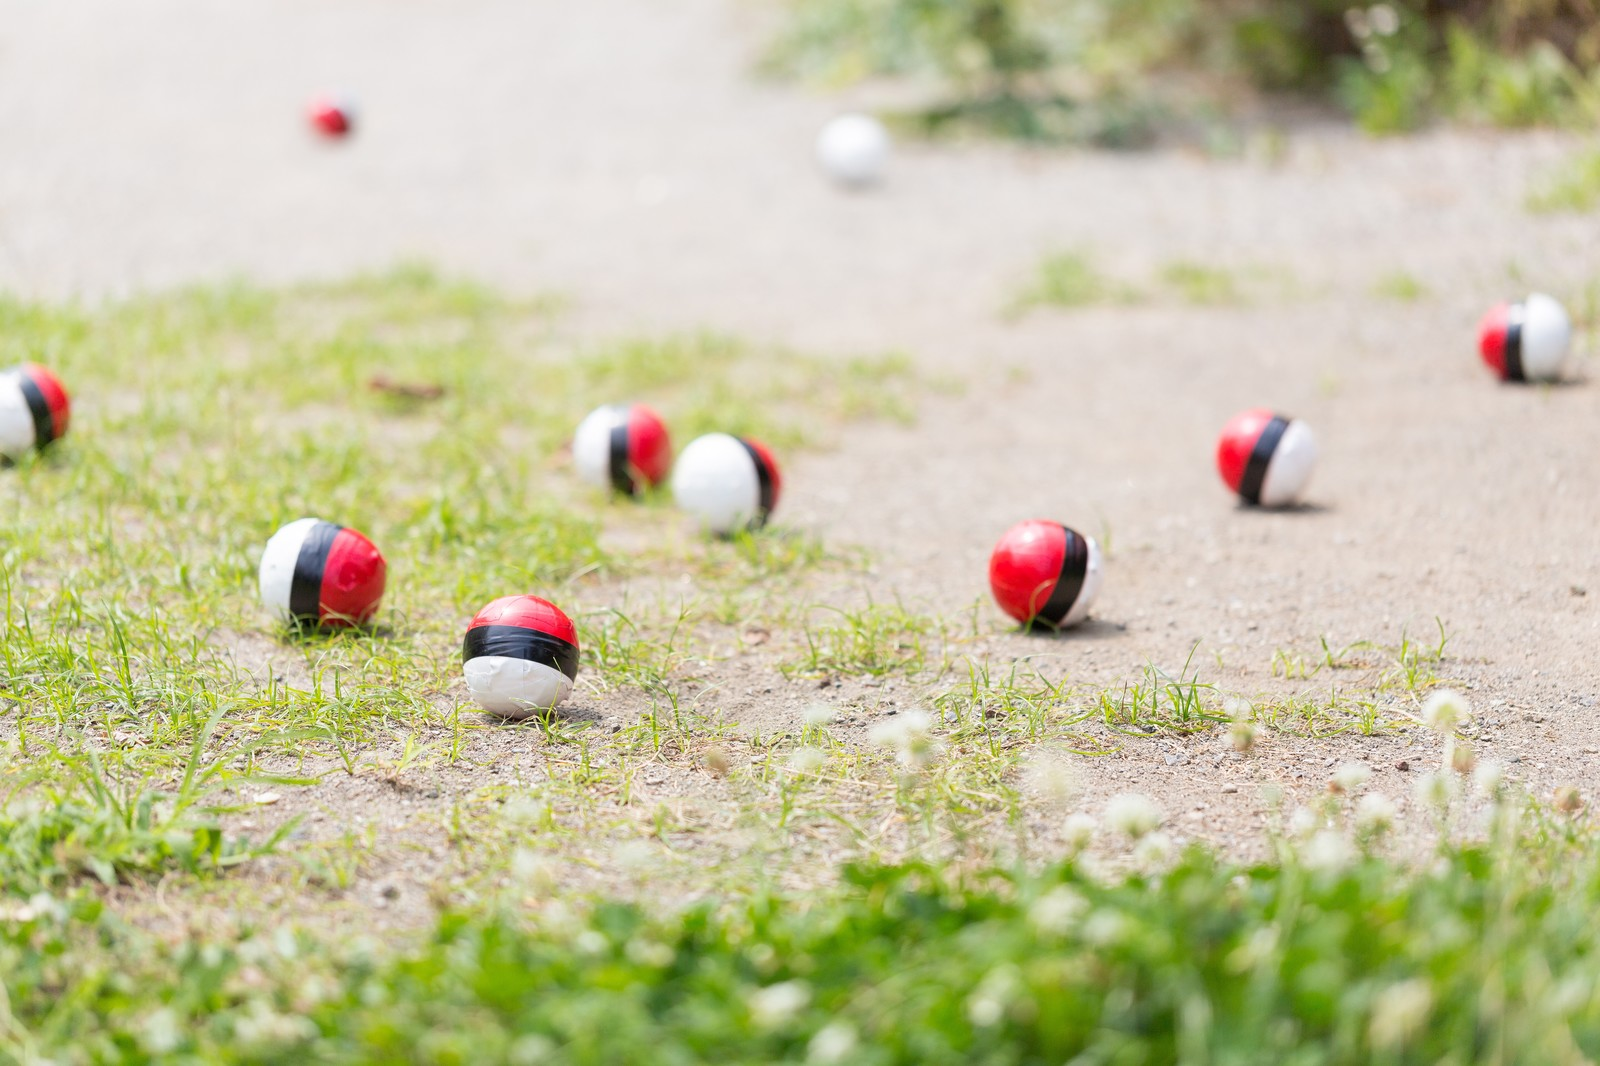 「いつの間にか知らない紅白ボールが増えてくる」の写真